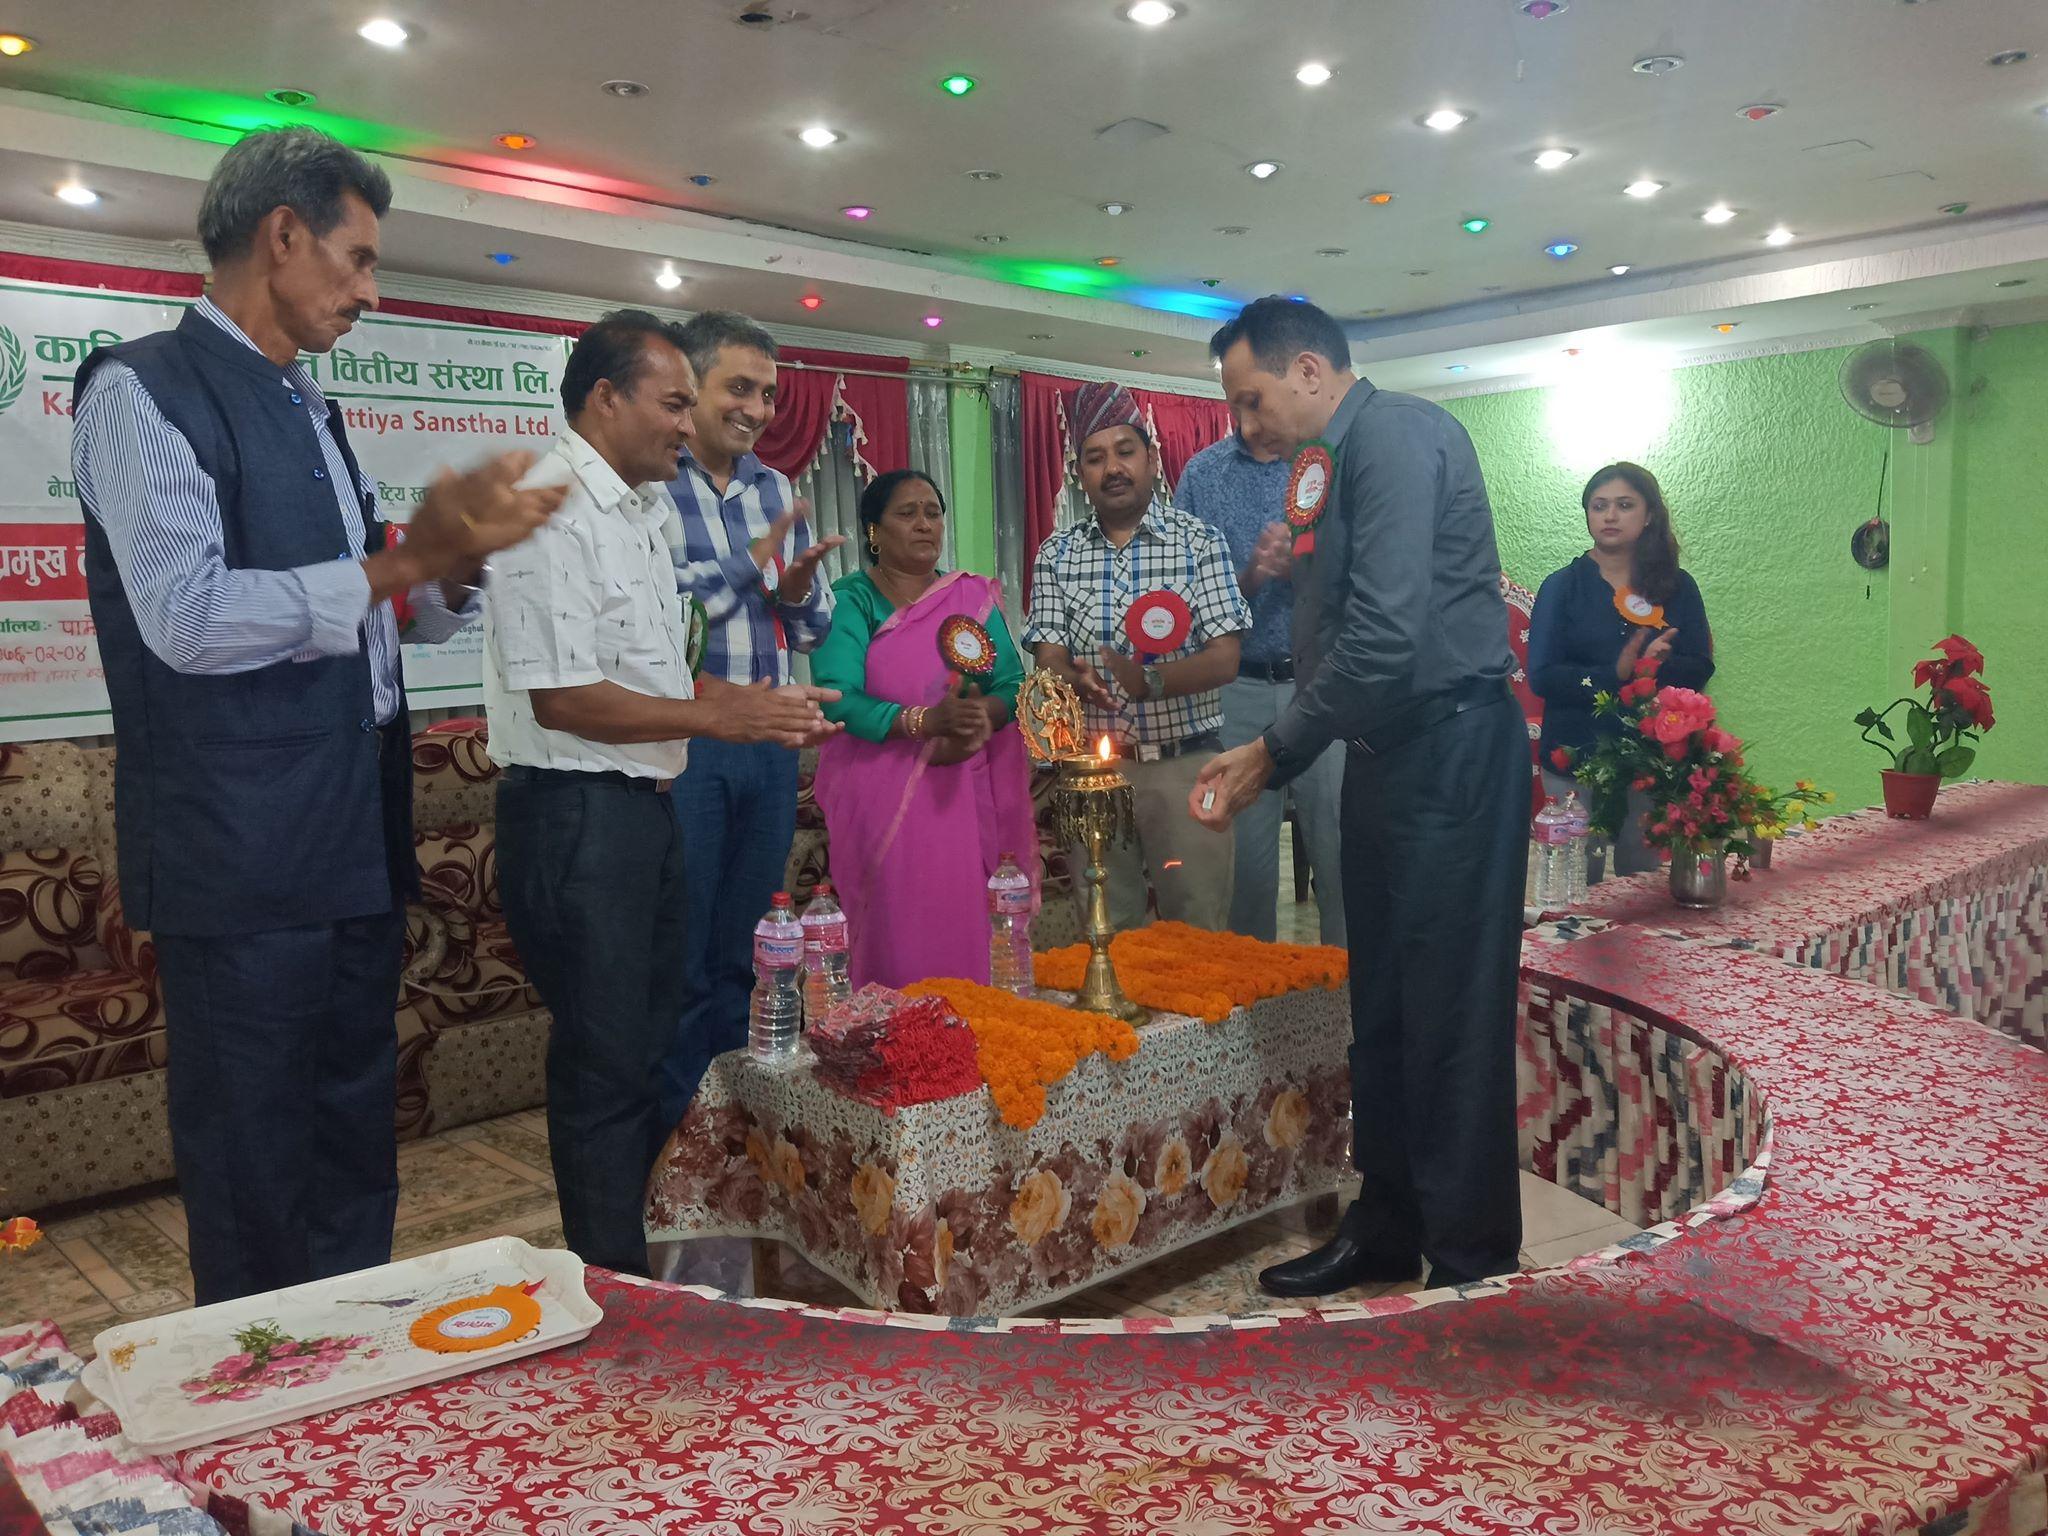 पोखराको दुई स्थानमा कालिकाको केन्द्र प्रमुख गोष्ठी